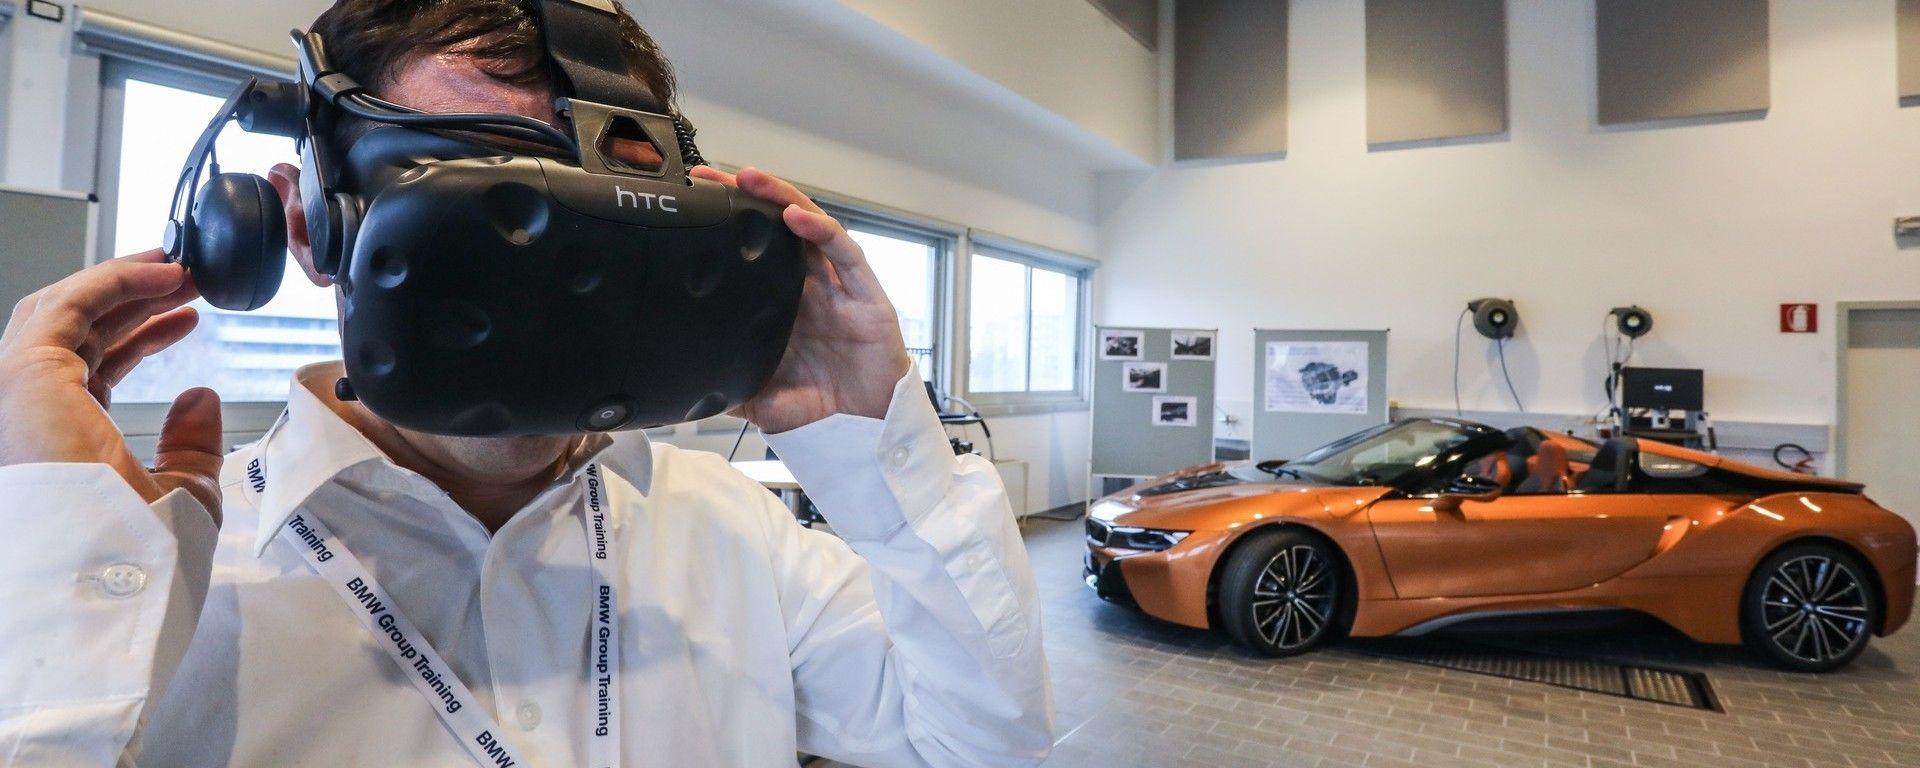 BMW: la Realtà Virtuale permette di osservare il funzionamento dell'auto dal di dentro